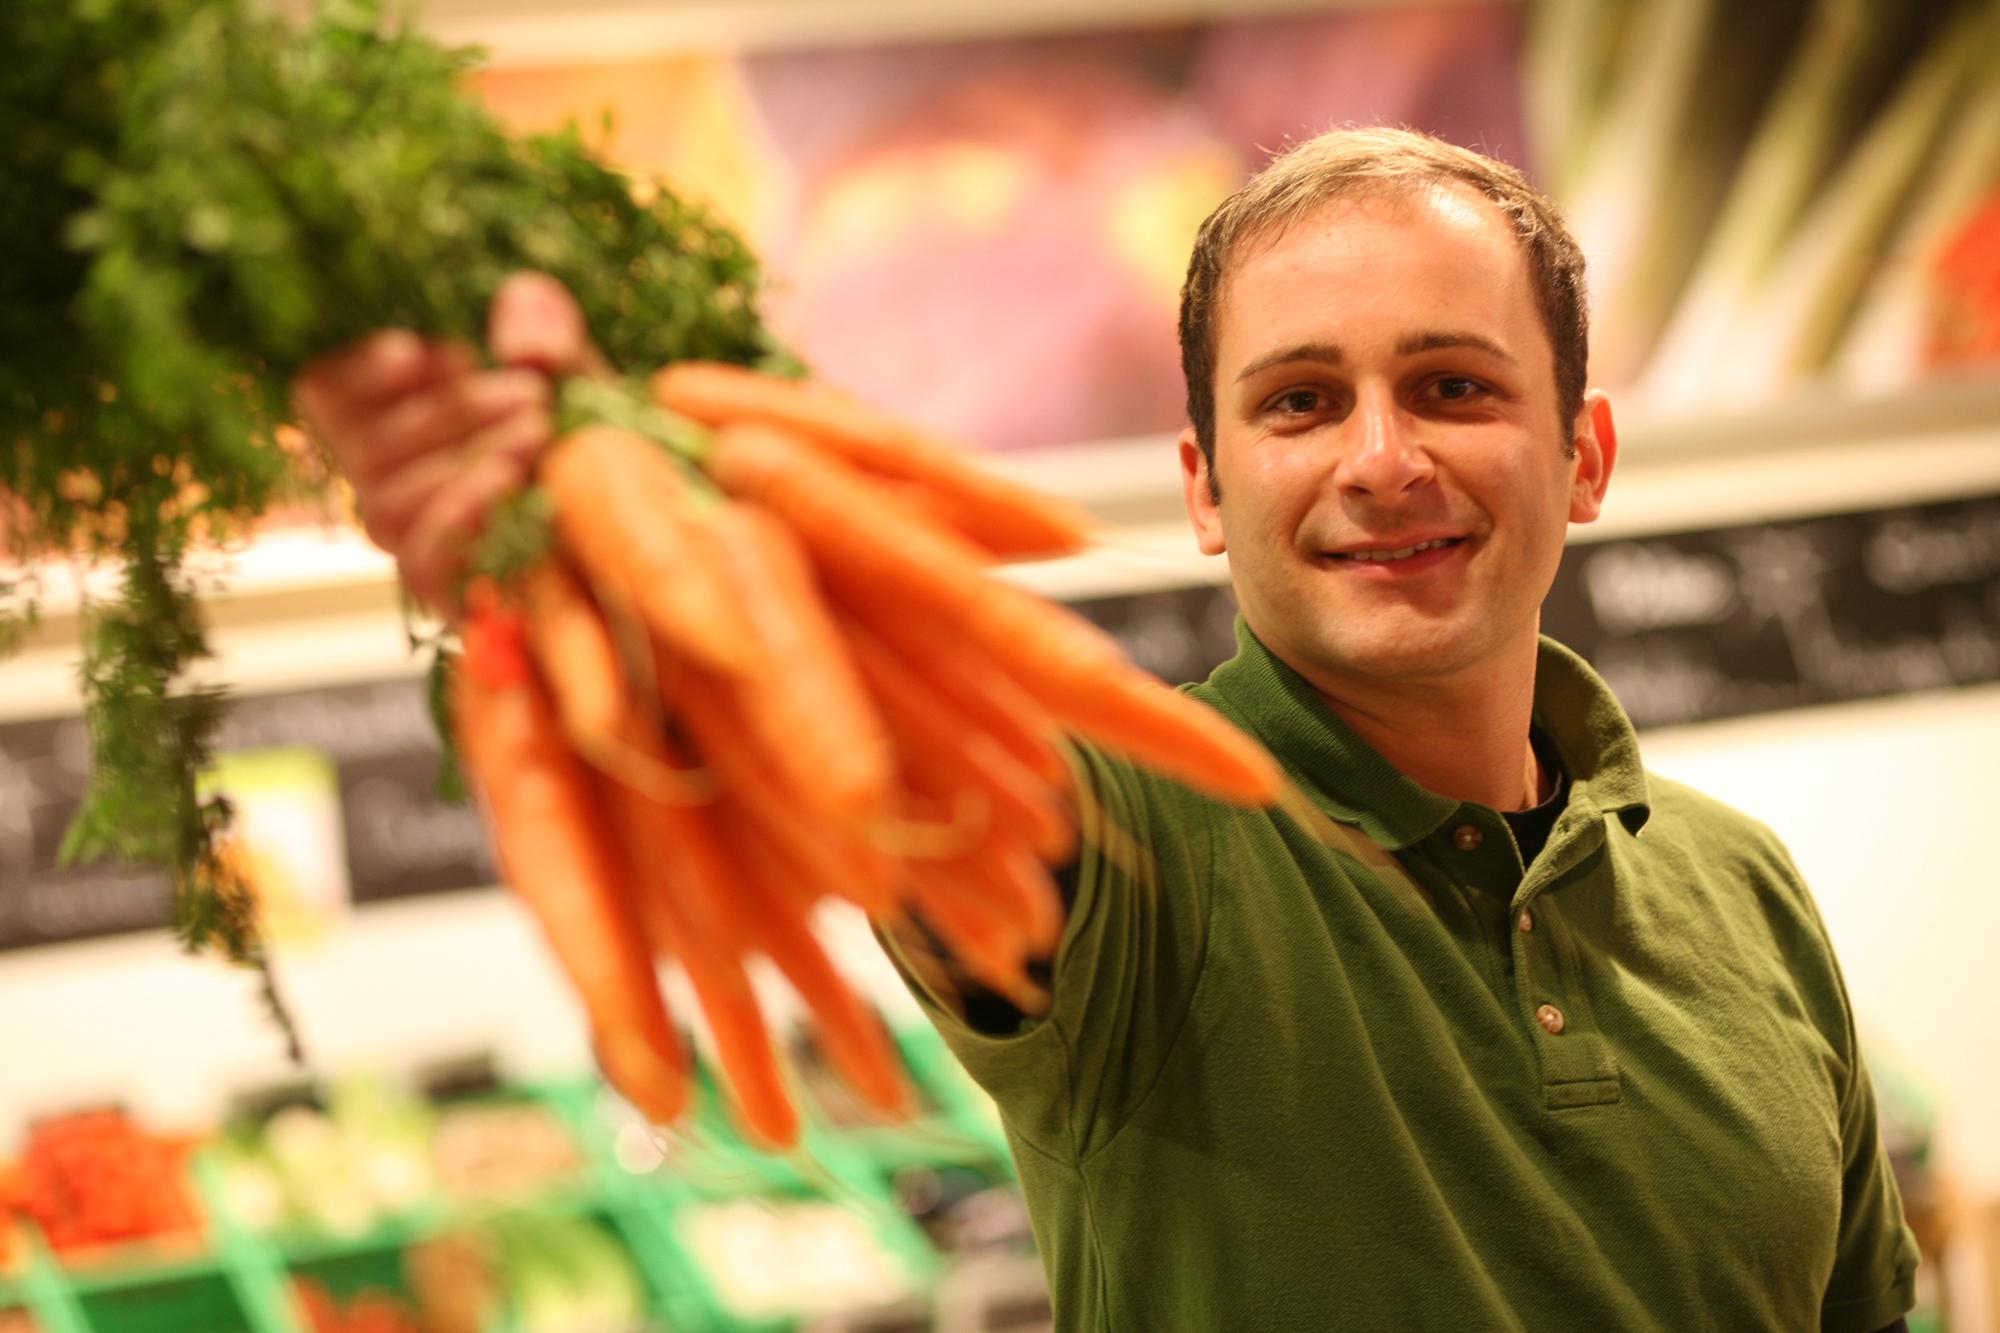 Herr Otto, Bio-Markt naturata in Trotha